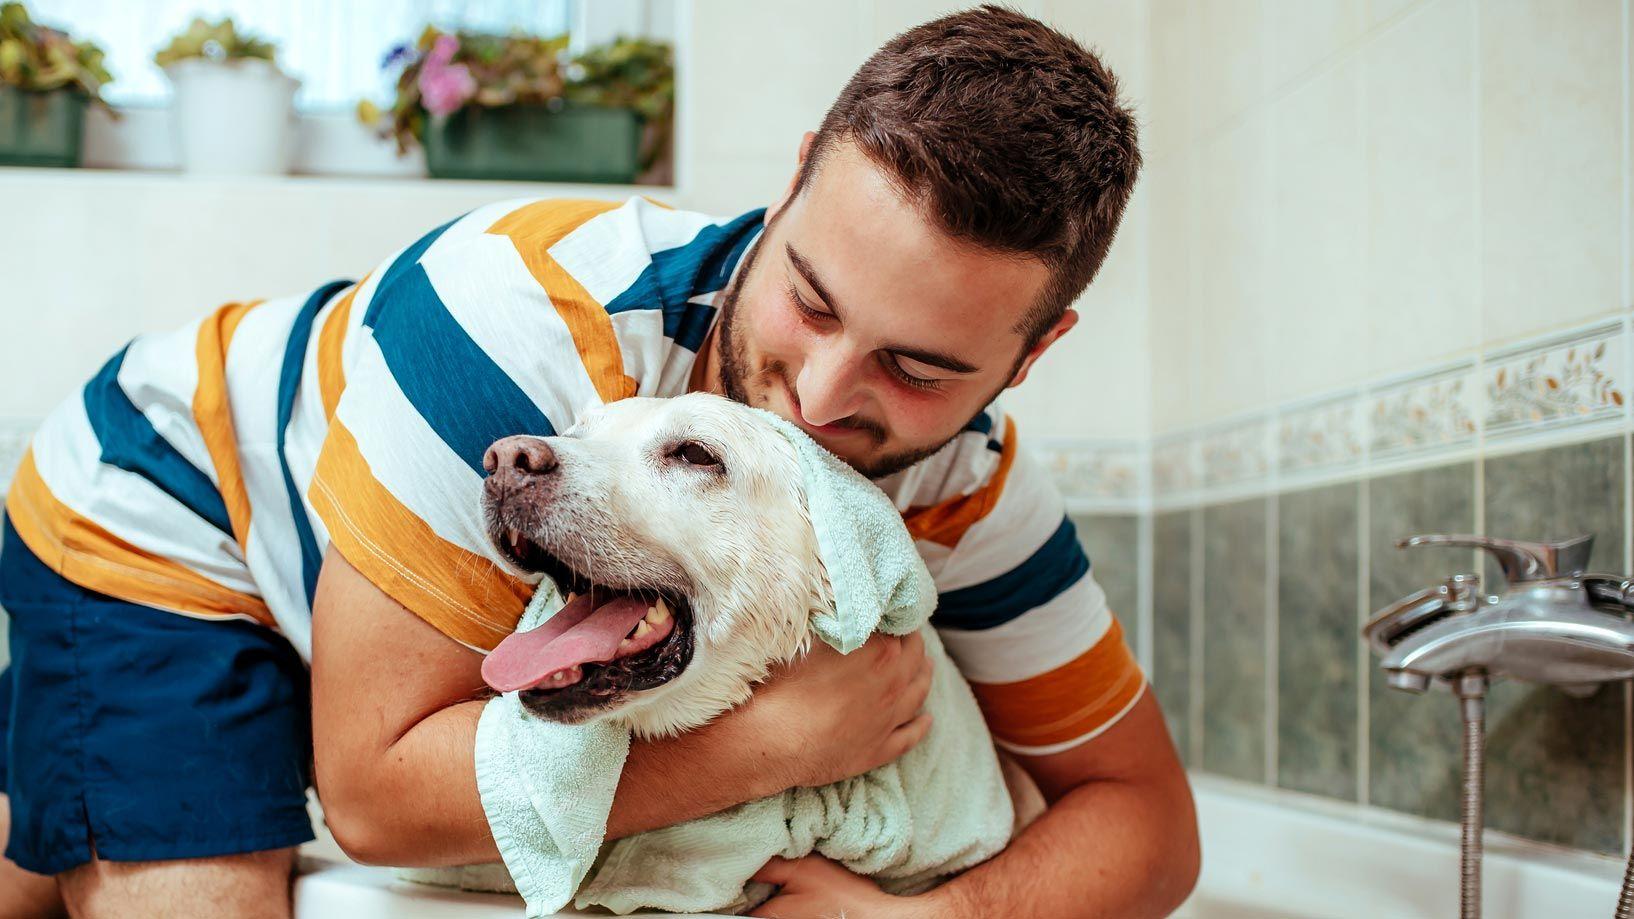 Chico abrazando as su perro tras su baño